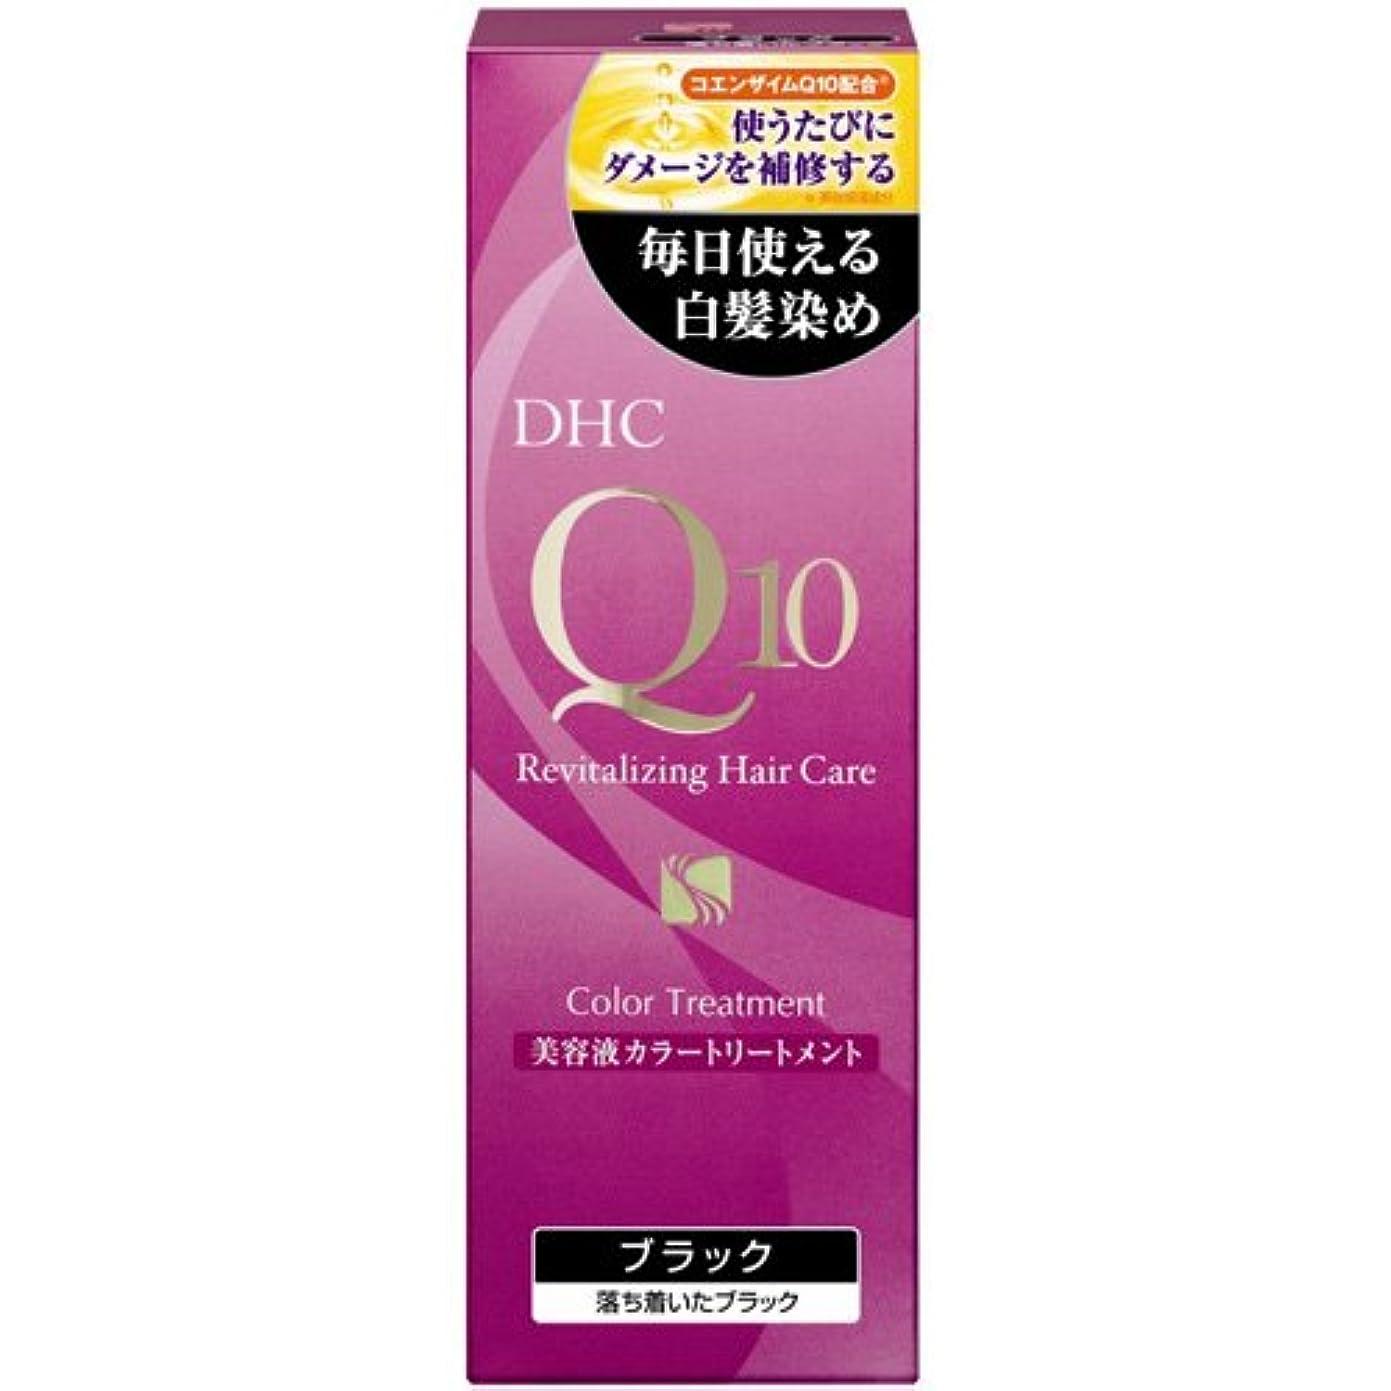 タブレットブロック柔らかいDHC Q10美溶液カラートリートメントブラックSS170g